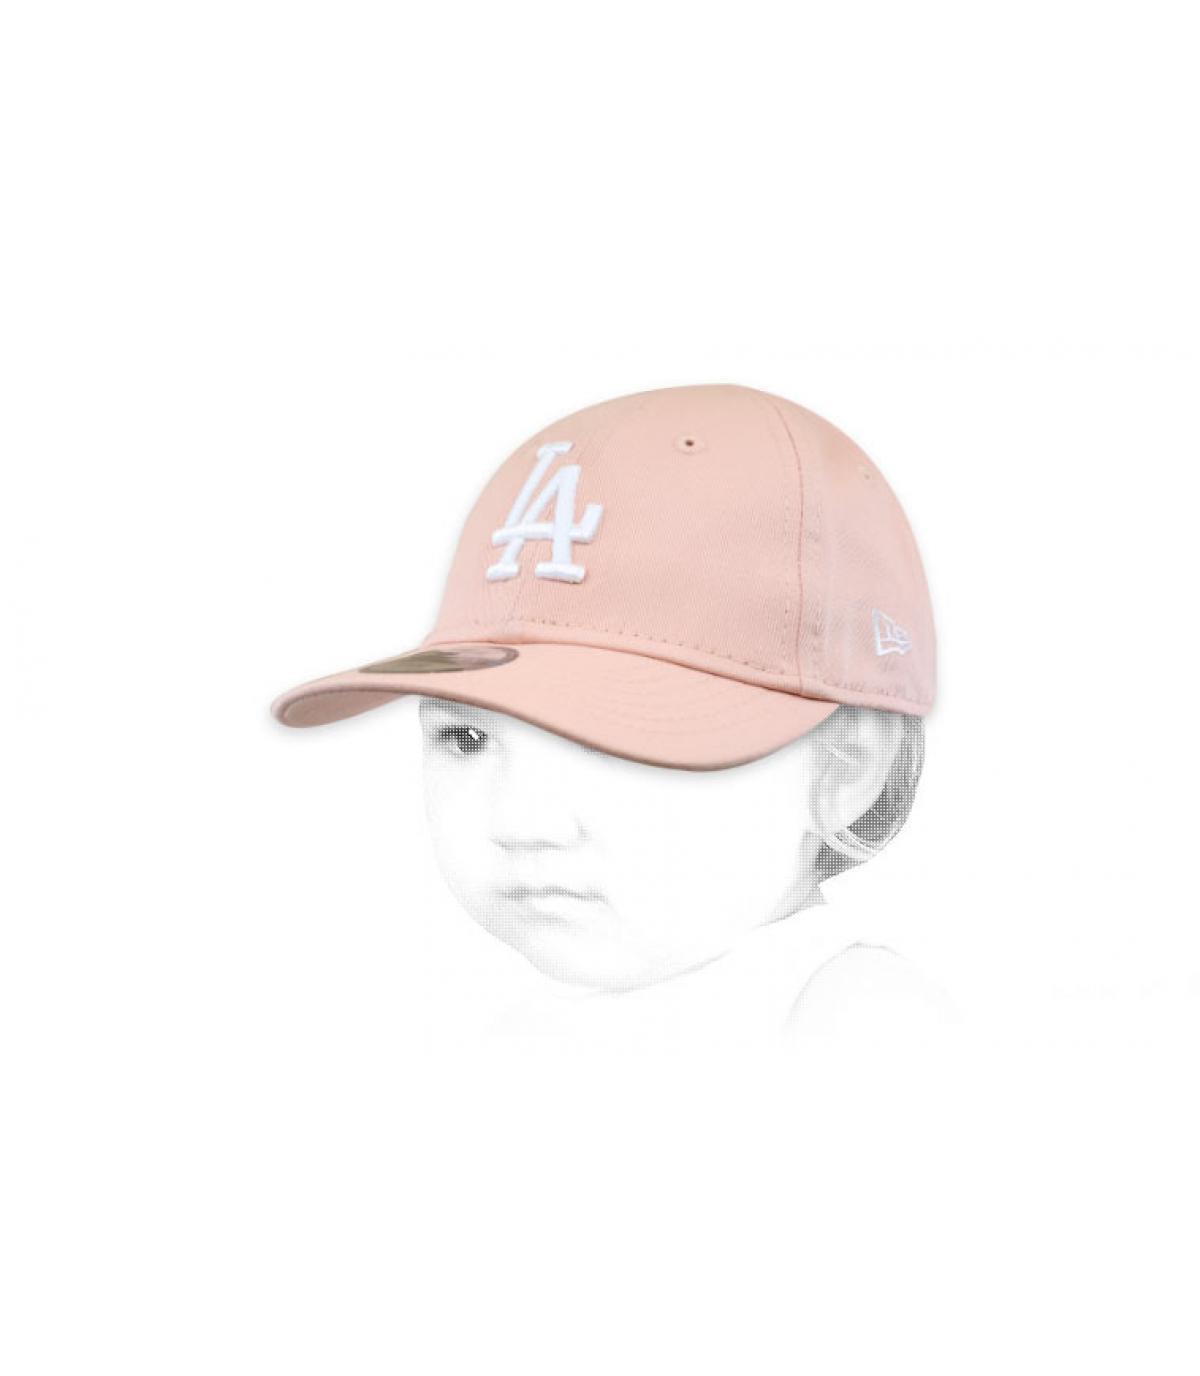 Cappellino rosa LA bambino